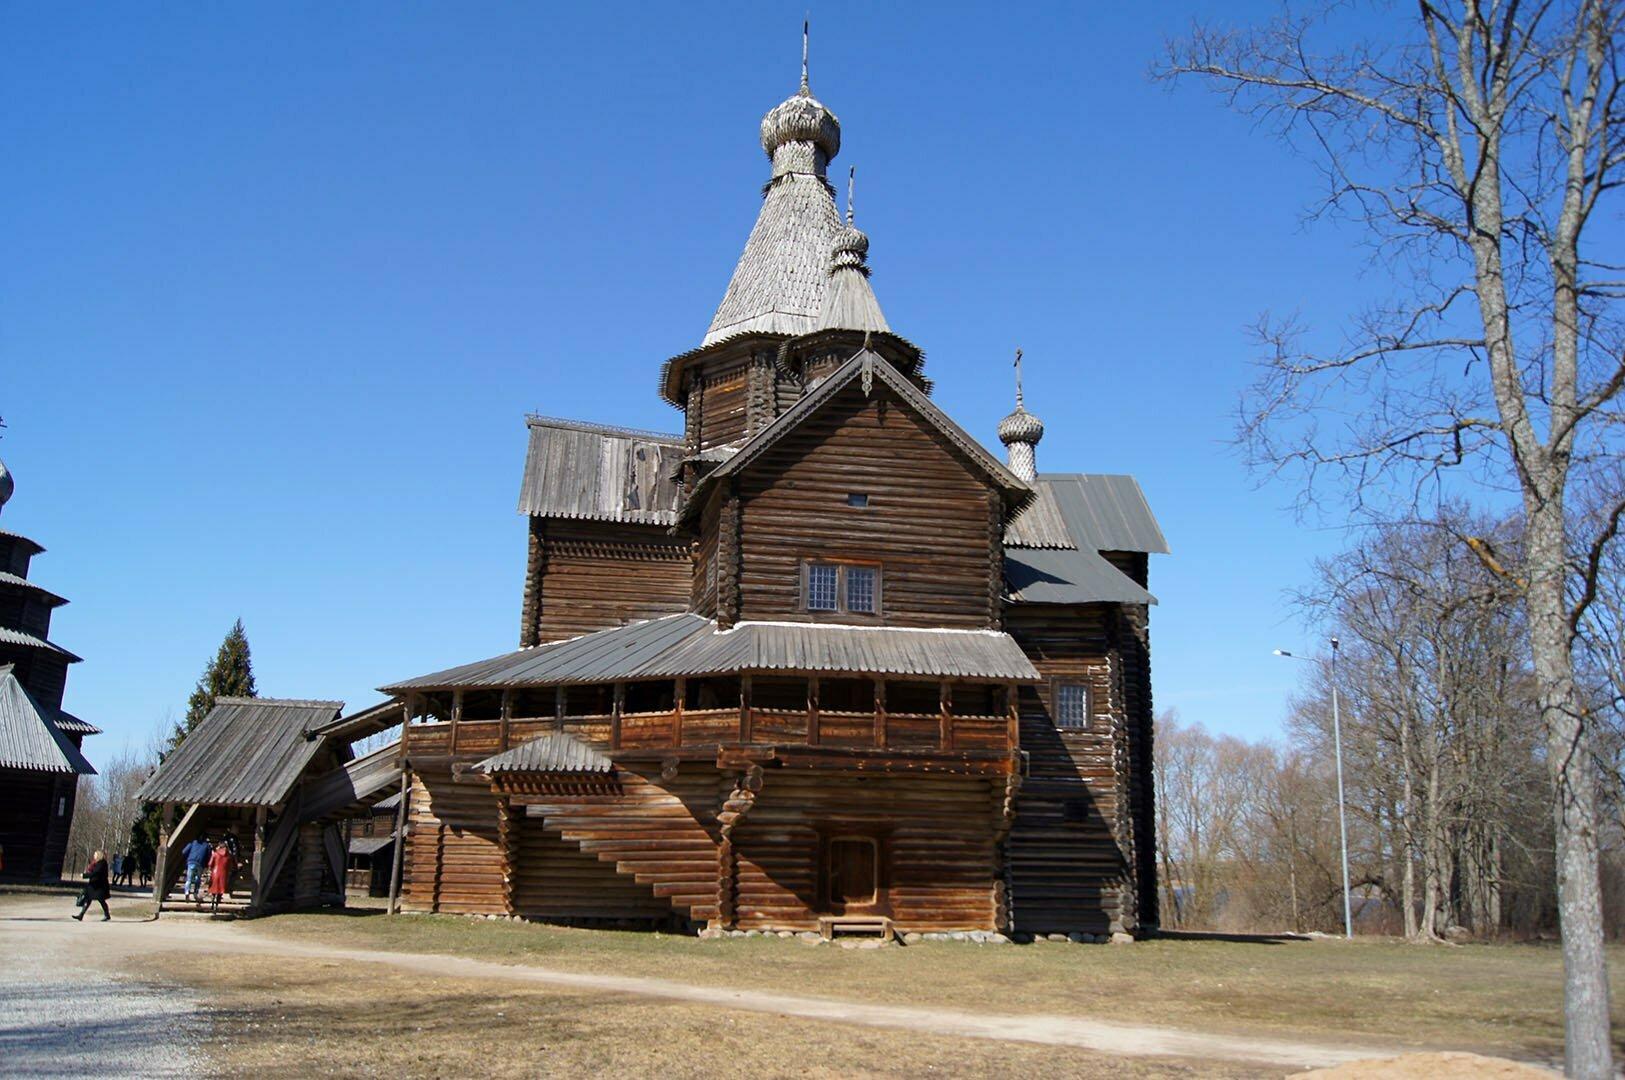 Церковь Рождества Богородицы, Музей деревянного зодчества в Великом Новгороде